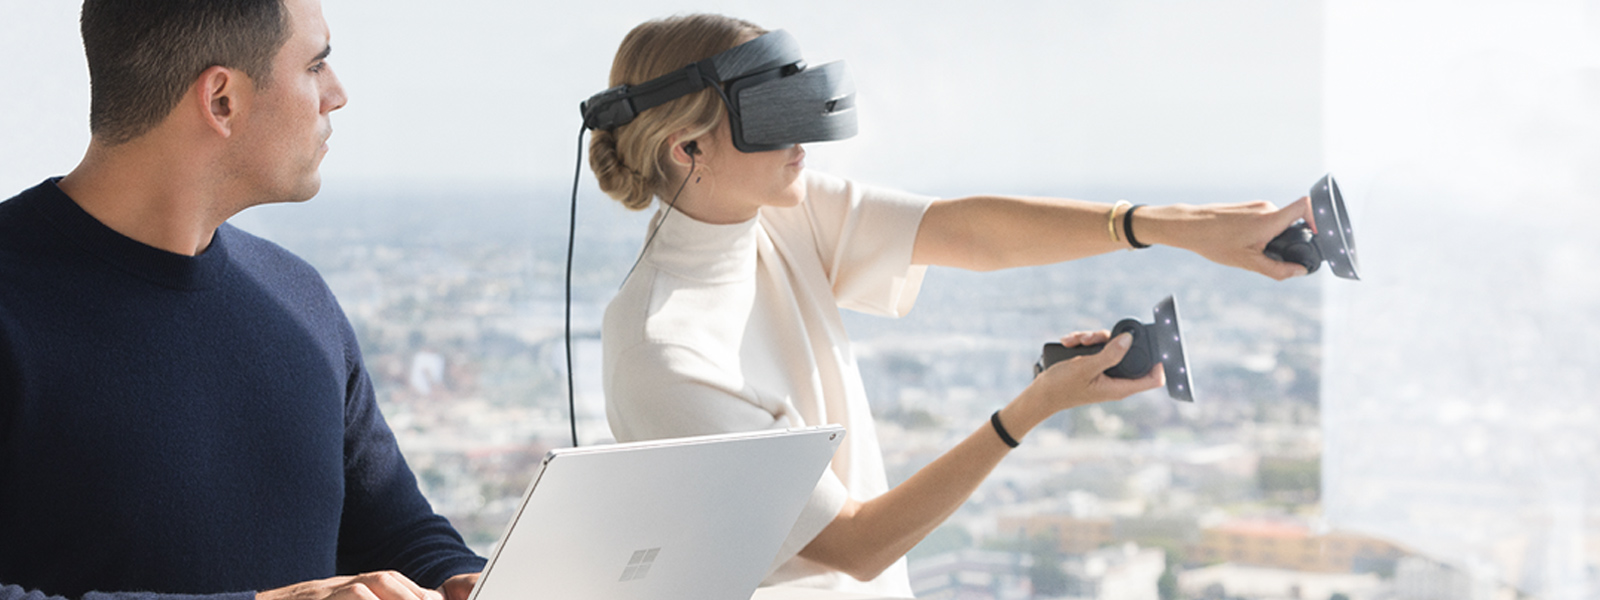 Frau verwendet Windows Mixed Reality-Headset und -Motion-Controller